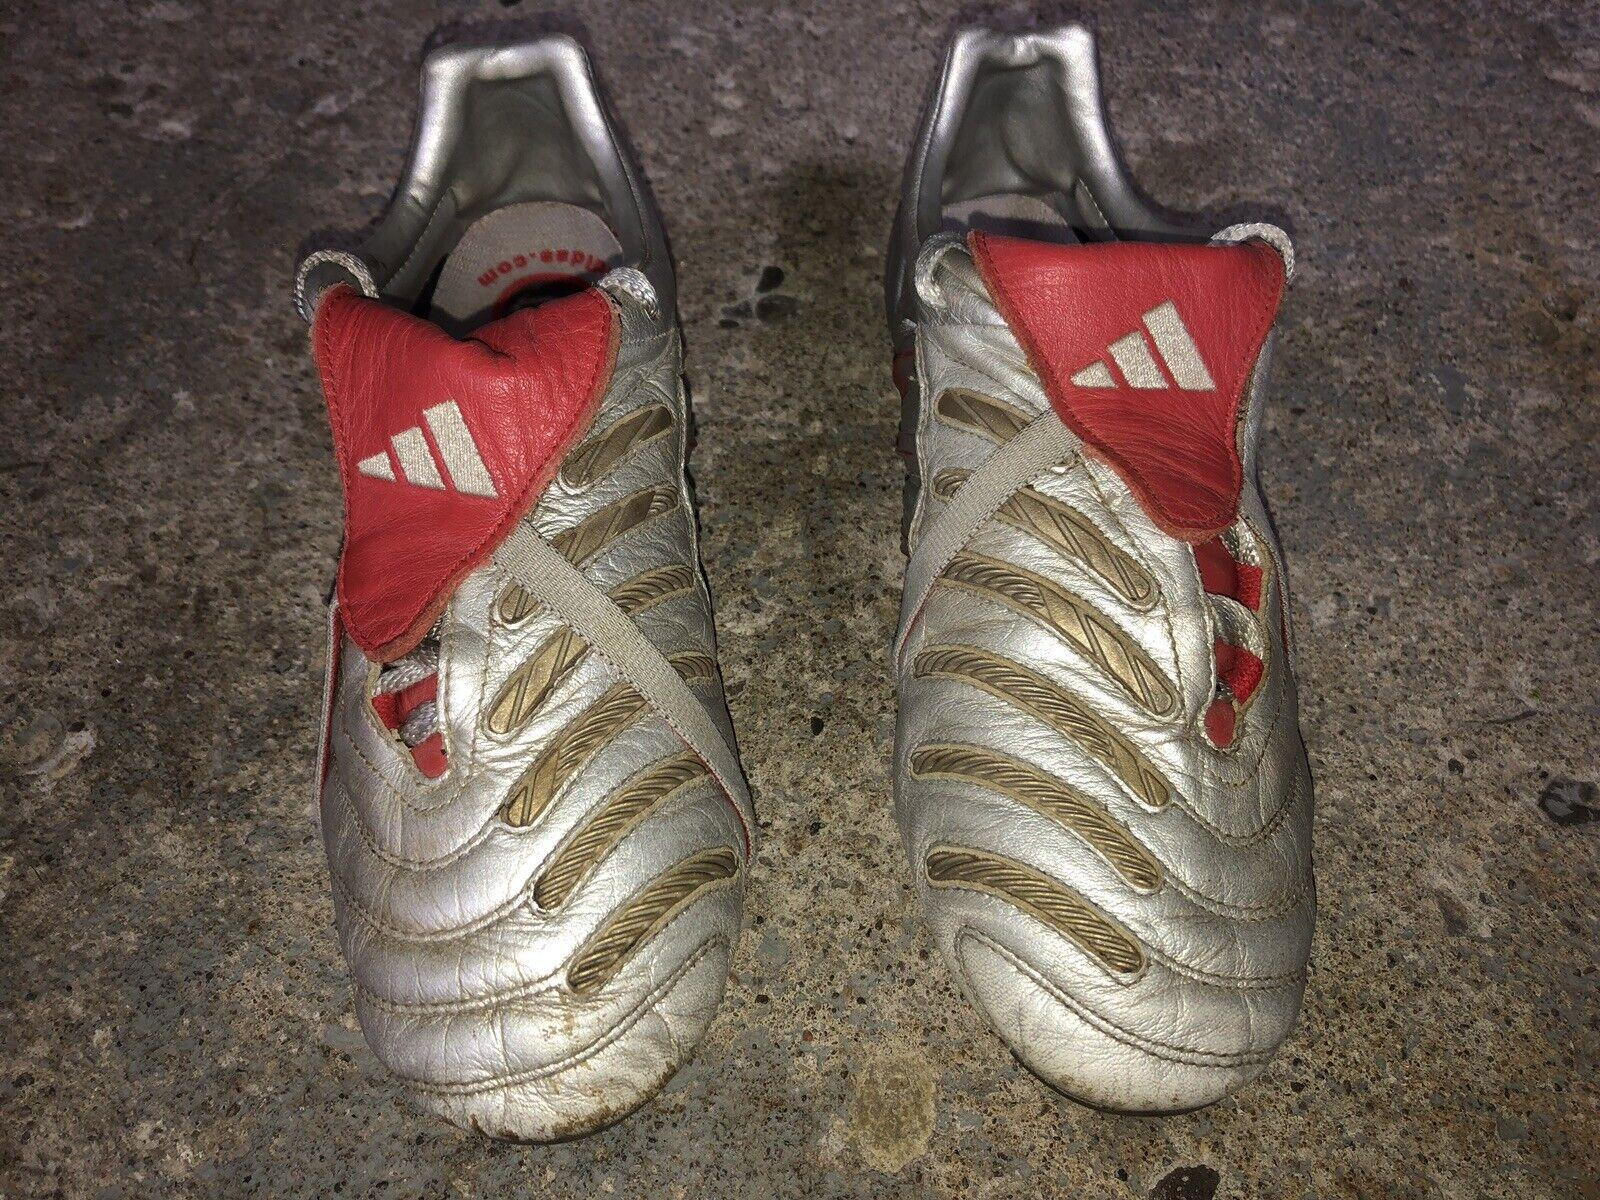 Adidas Prossoator Pulse TRX FG David Beckham UEFA Euro 2004 Diuominiione 5.5Y